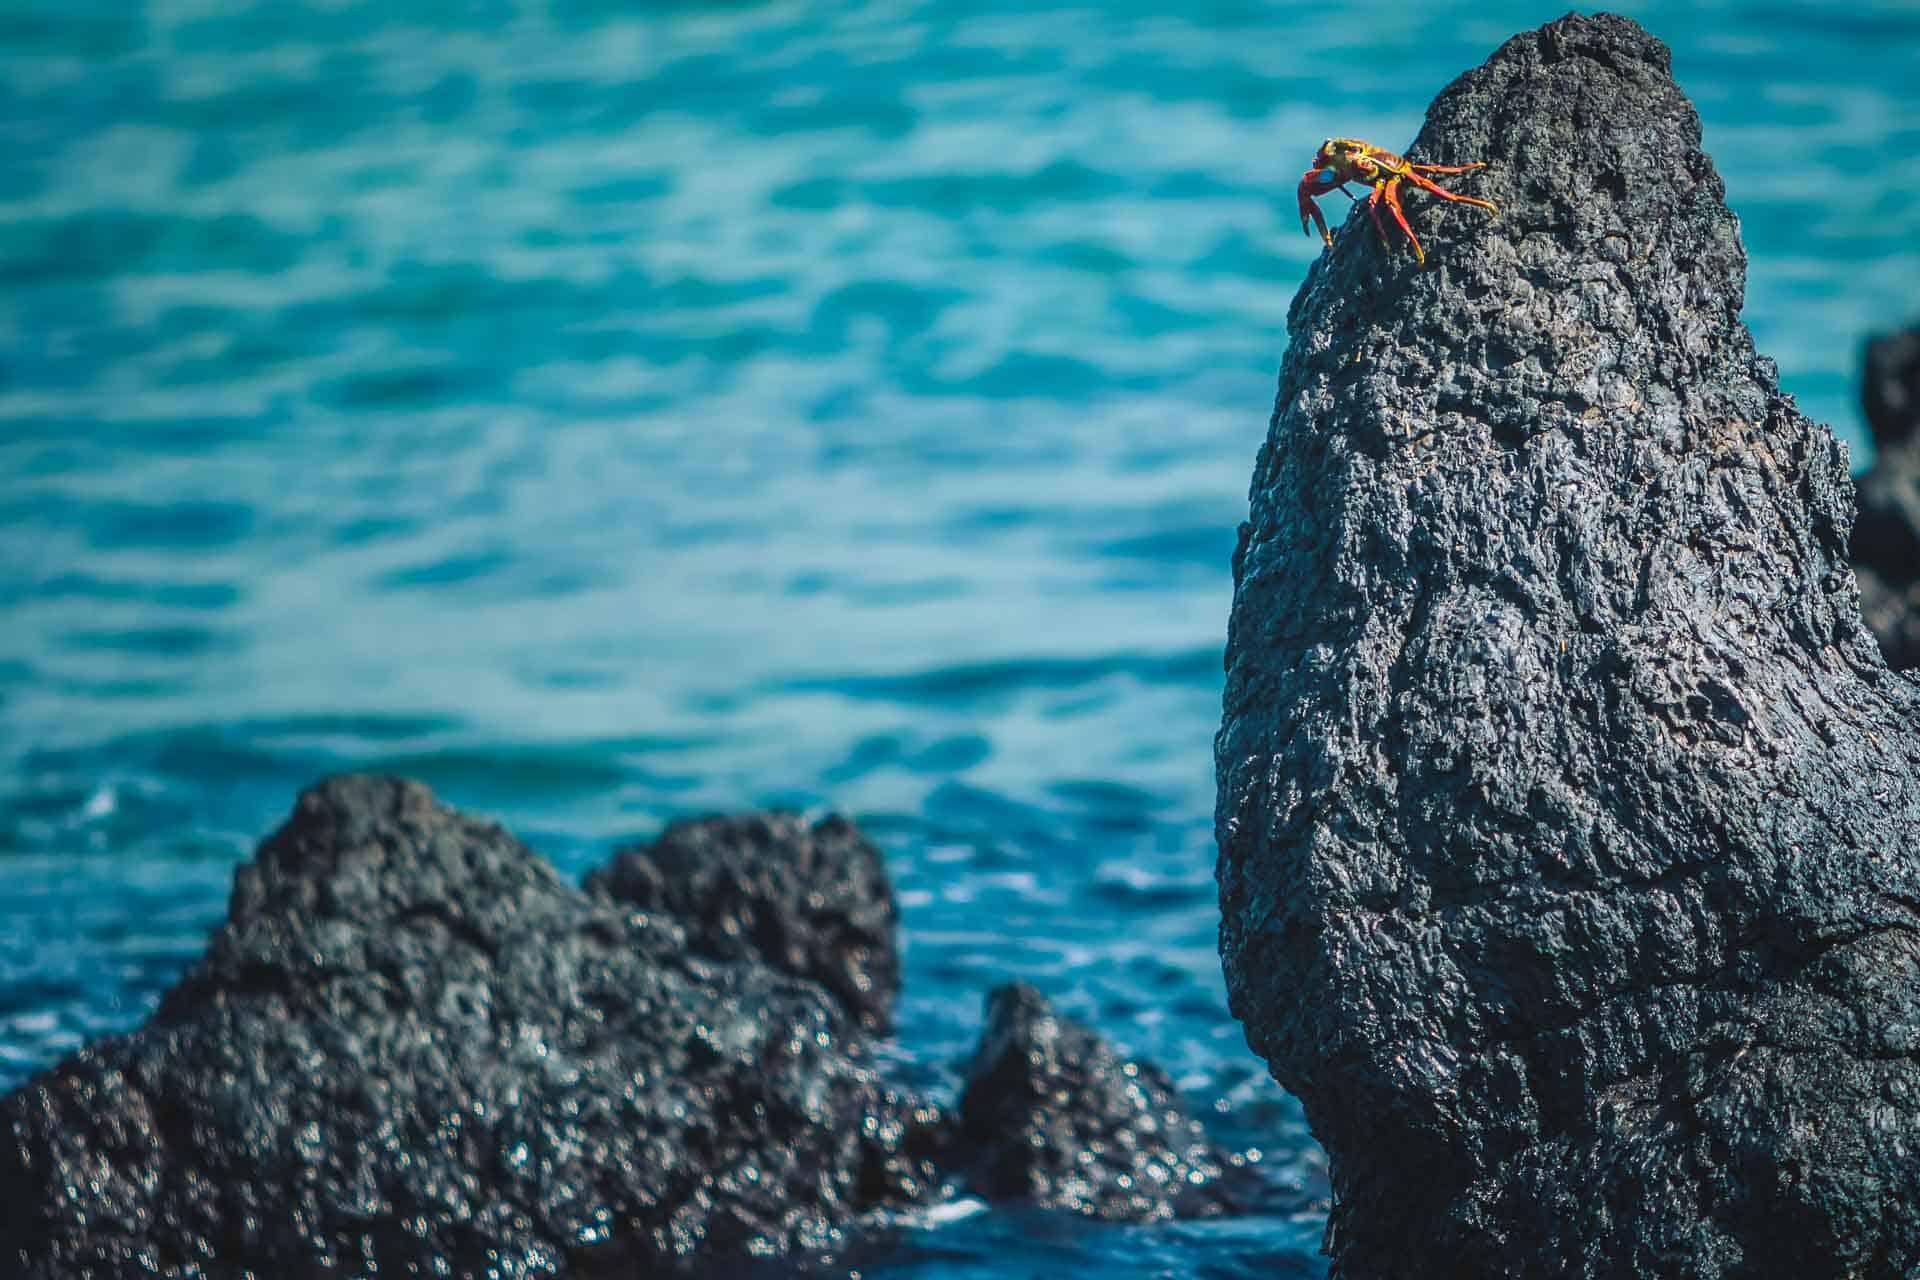 jumping crab galapagos